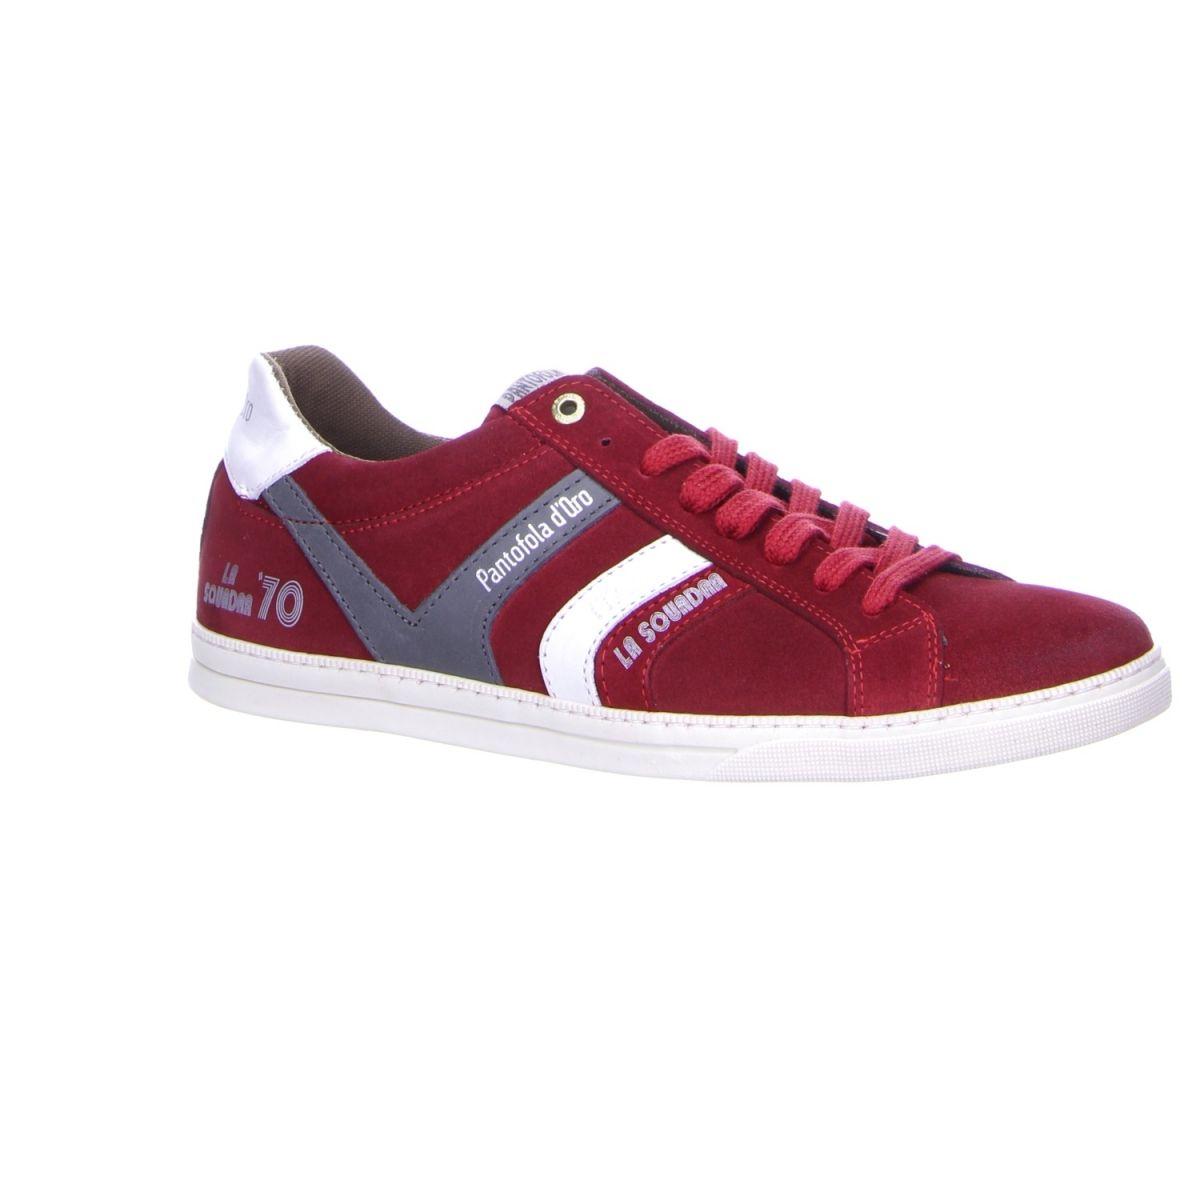 Trendiger #Sneaker von Pantofola d`Oro in rassigem Rot